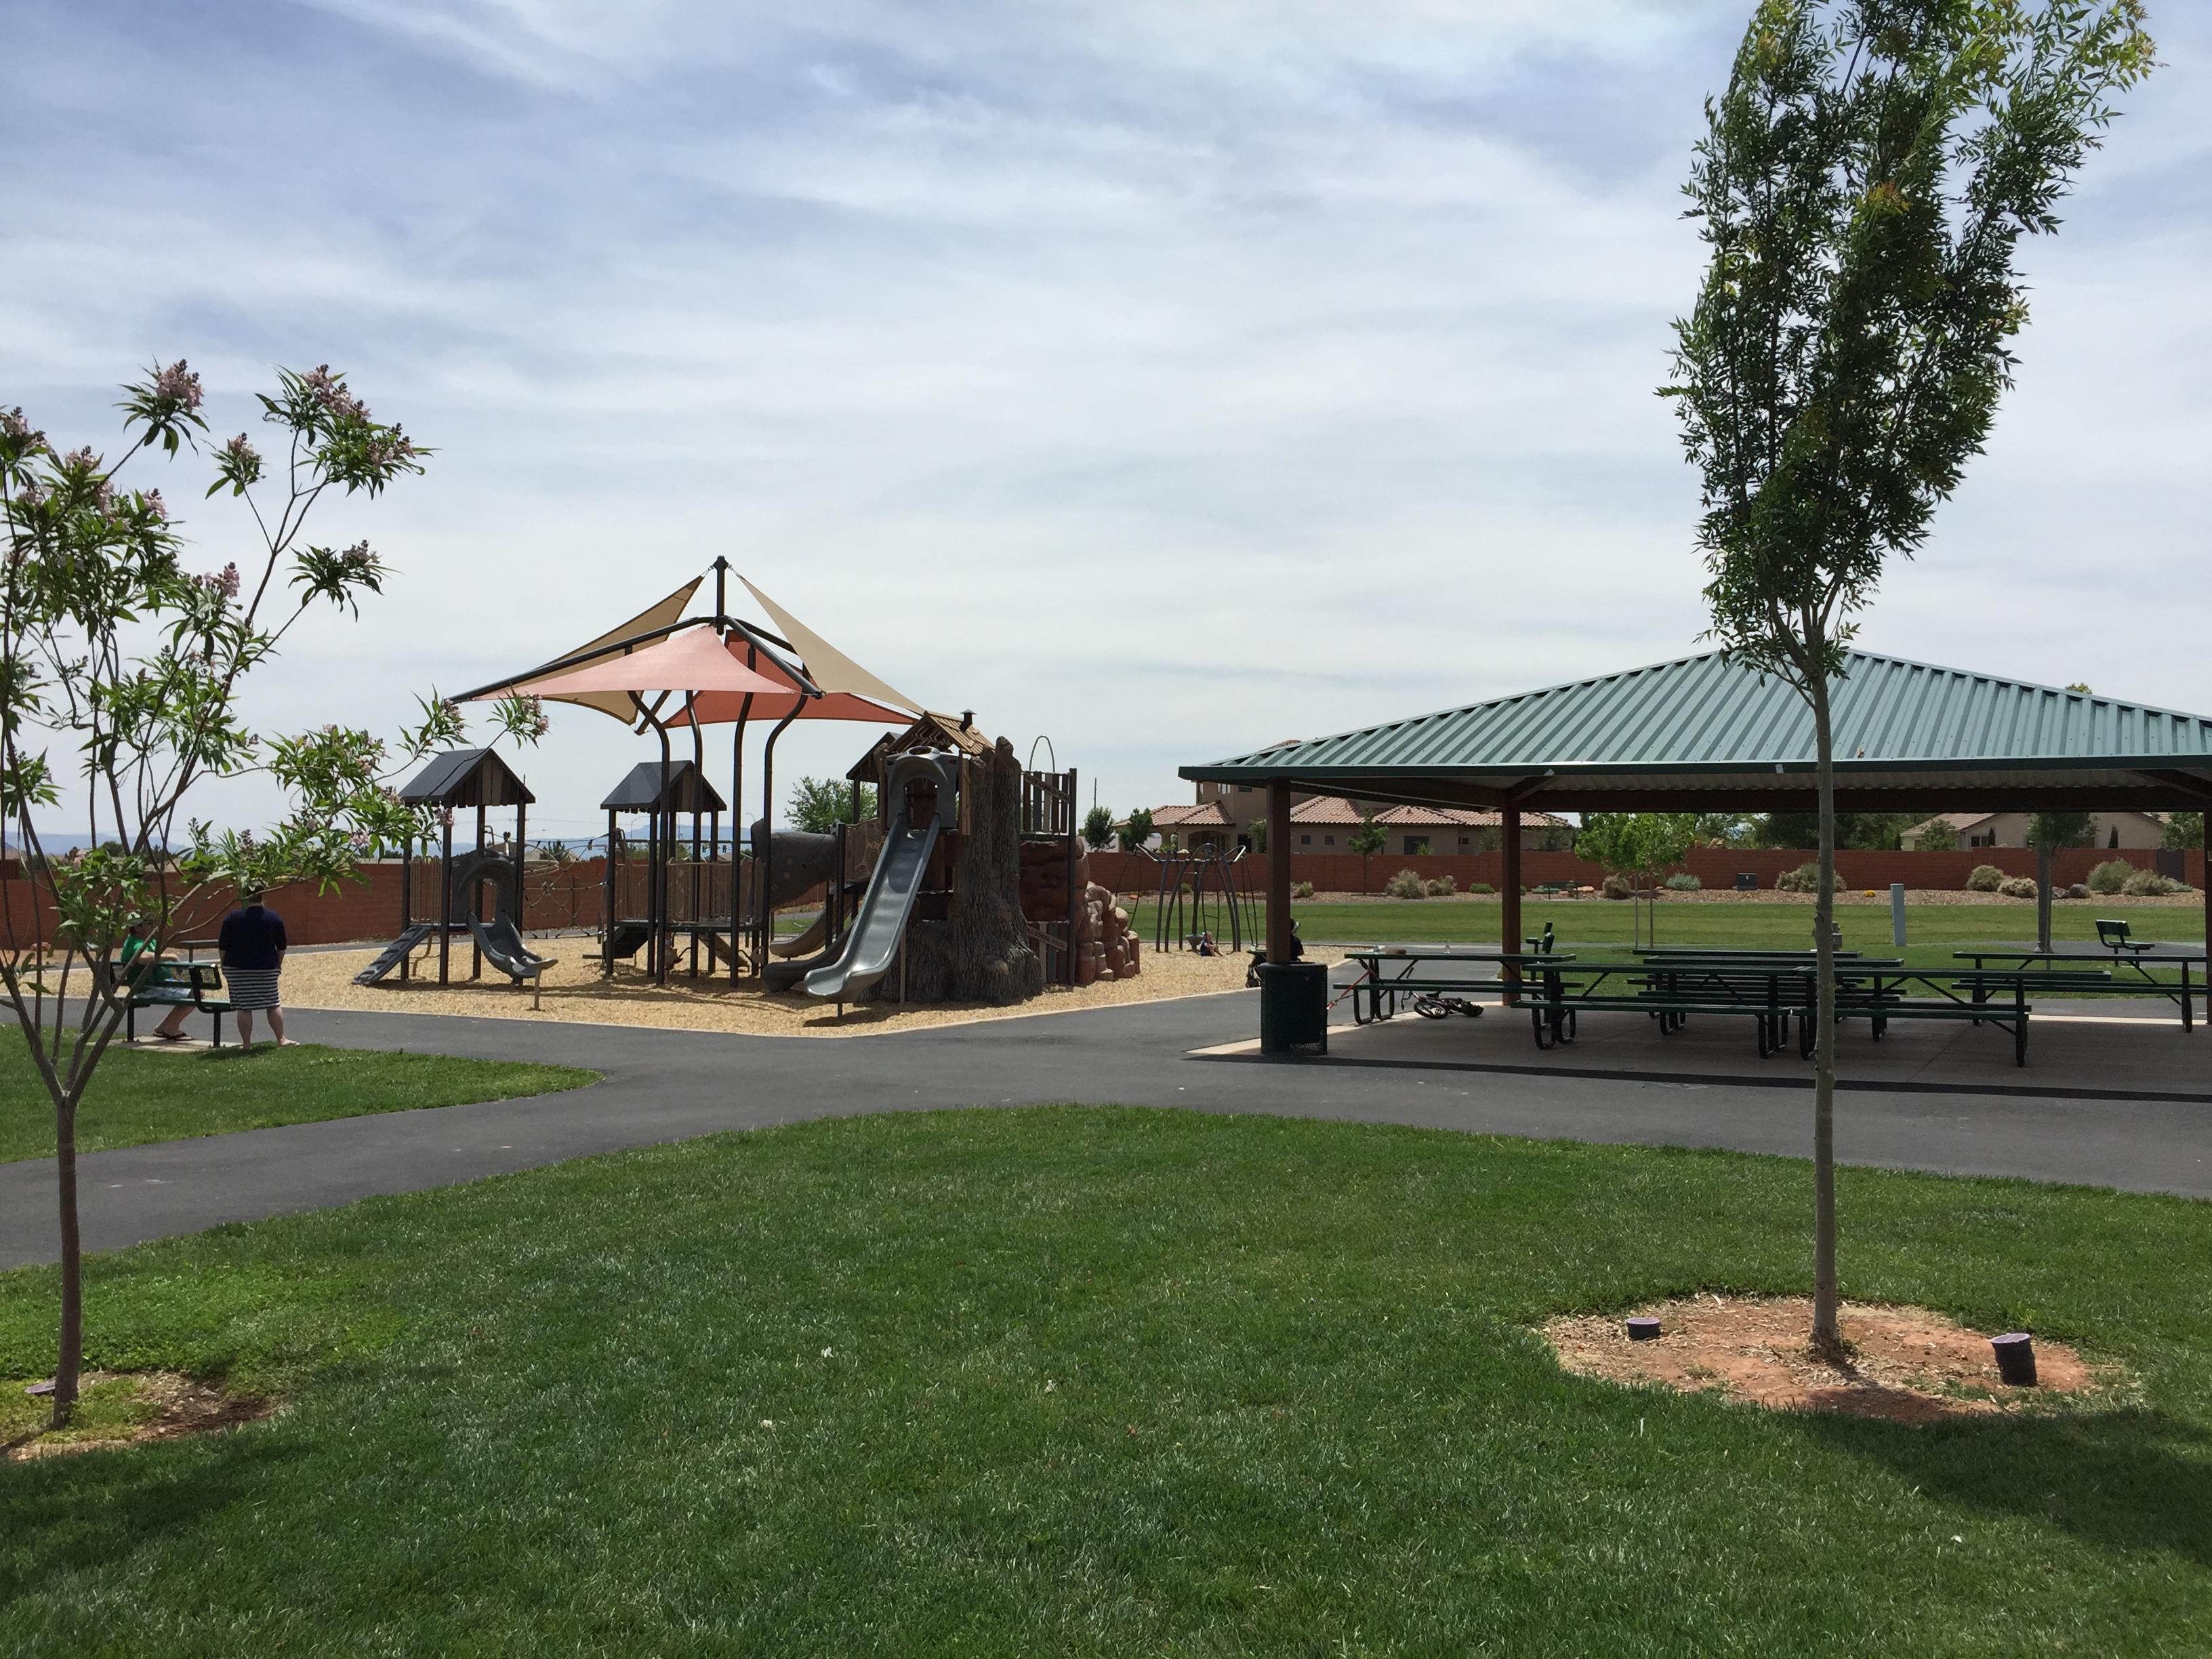 Archie H. Gubler Park